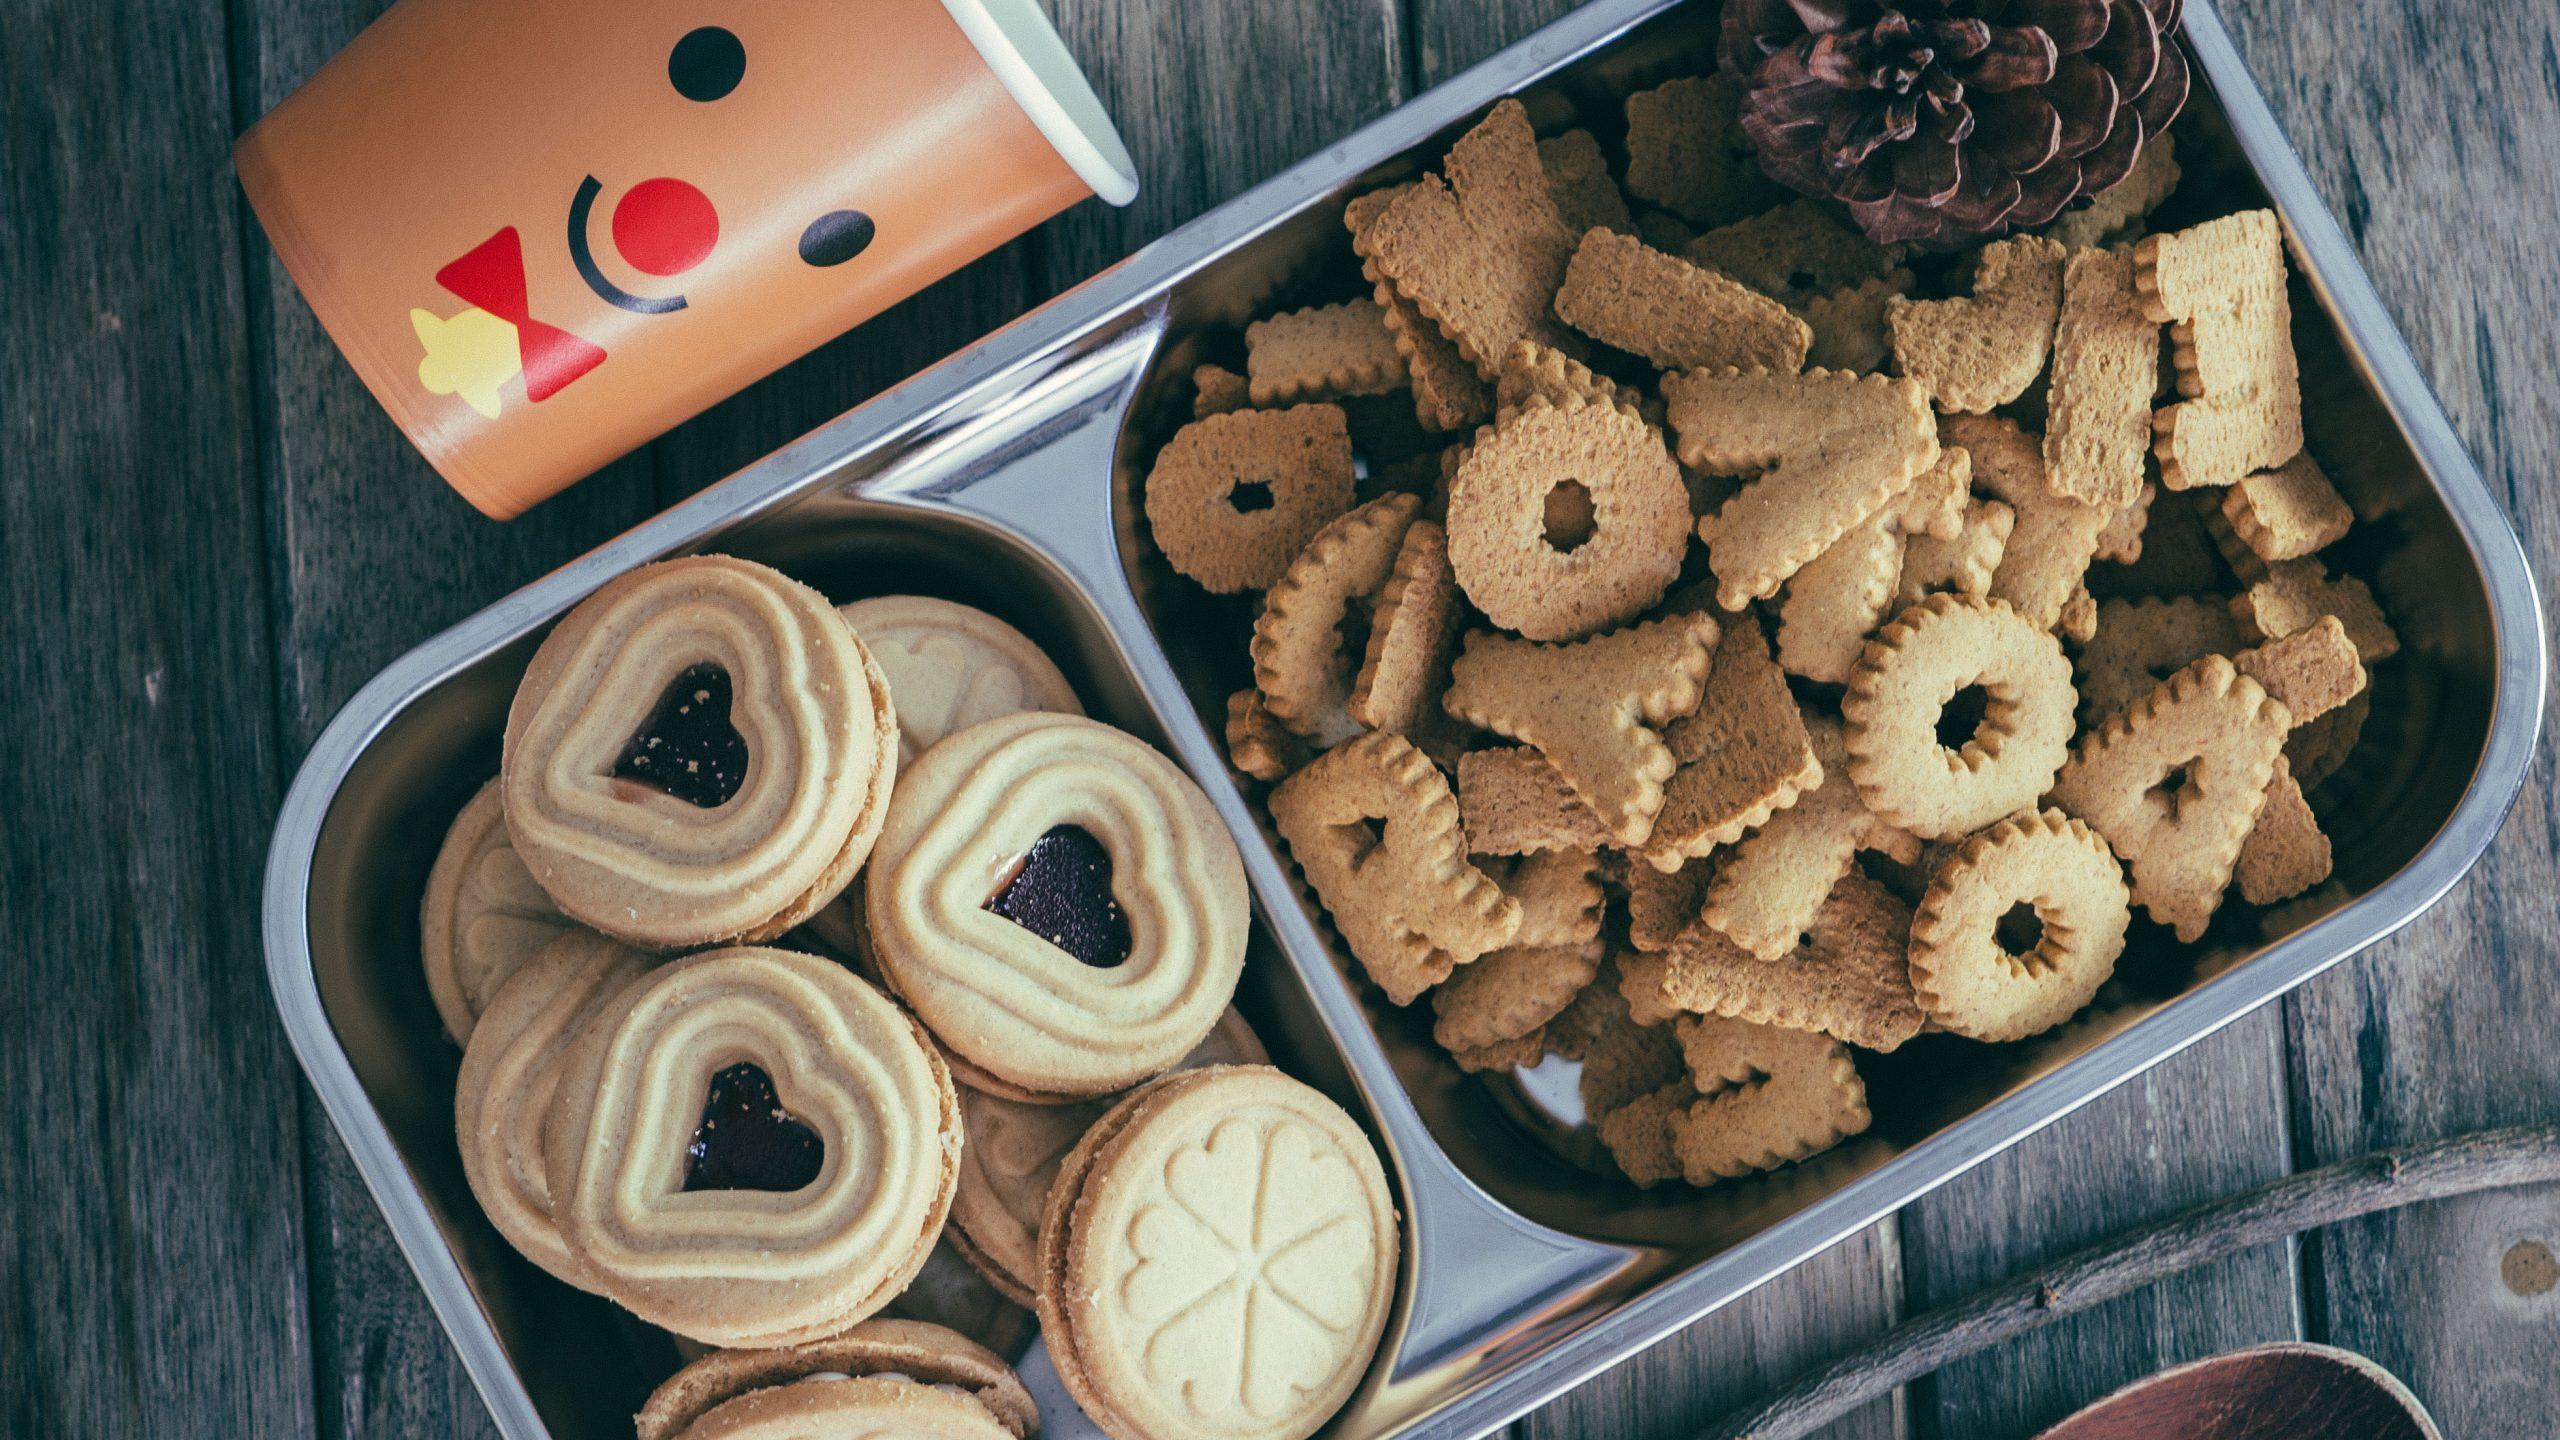 8 tips για να μη φας ό,τι αποθέματα σνακ πήρες με τη μία